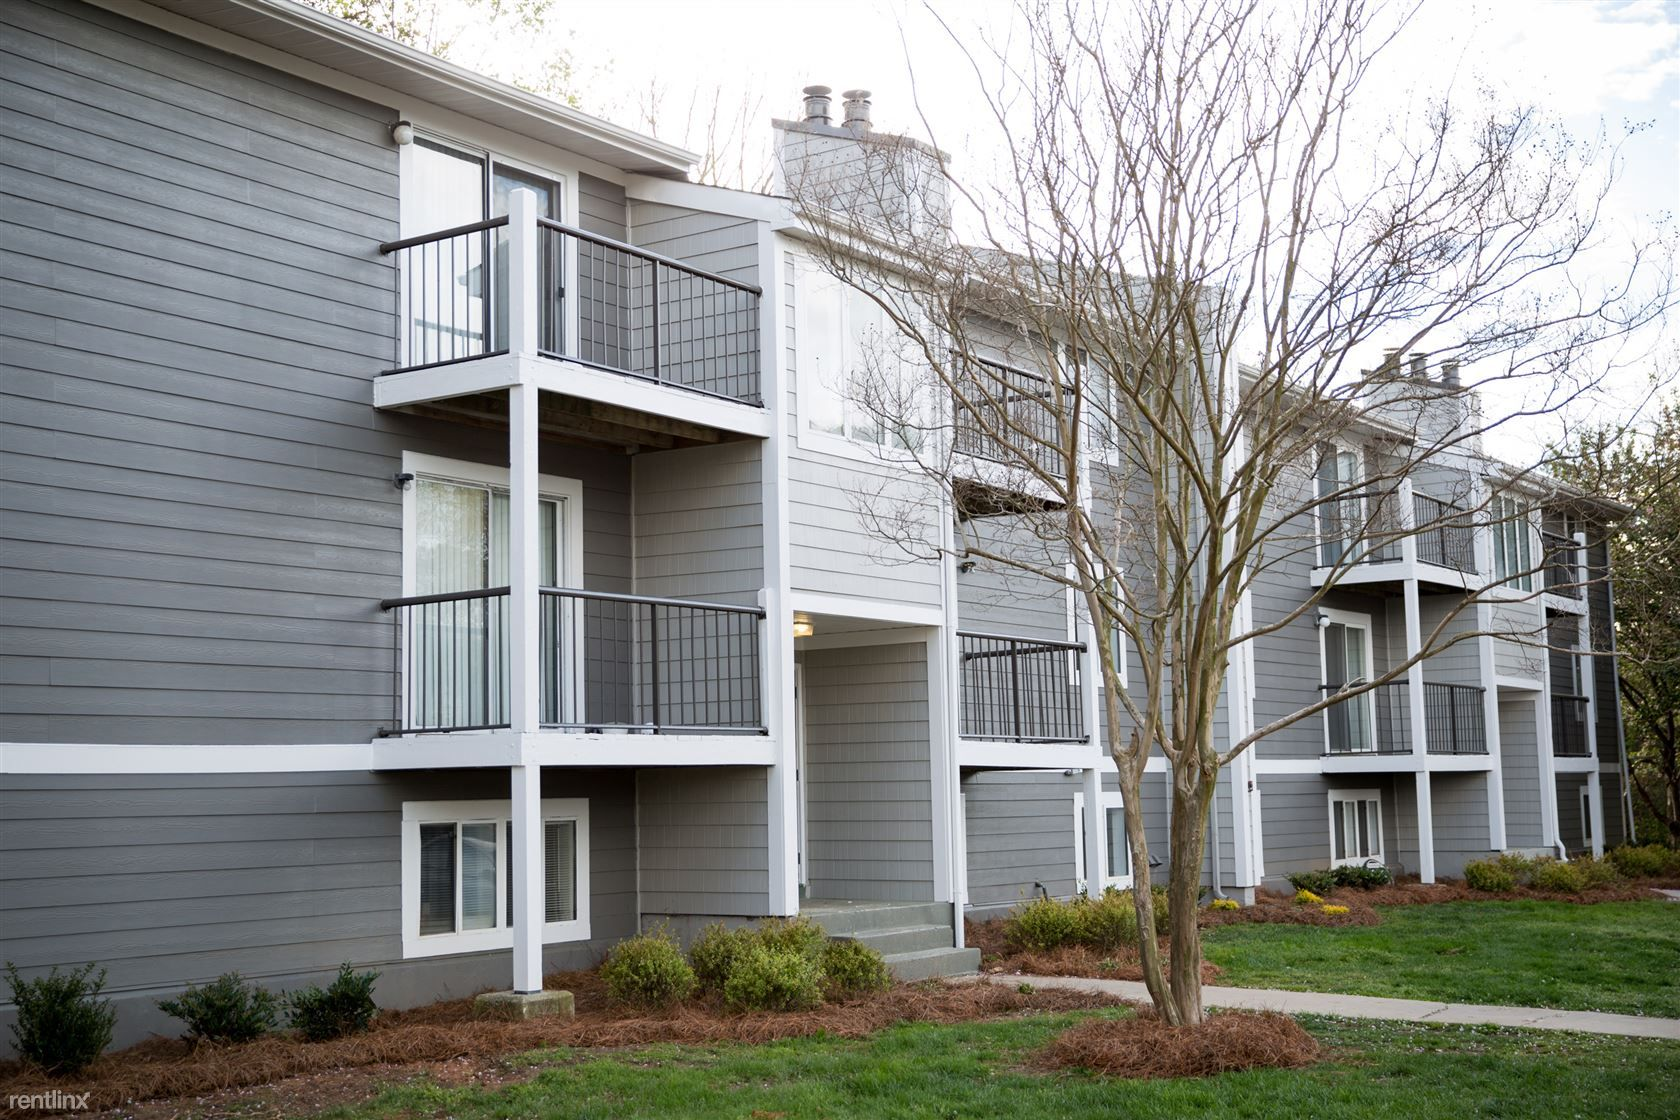 199 Wind Rd Greensboro Nc 27405 For Rent Condo Com In 2020 Condos For Rent Condo Condo Living